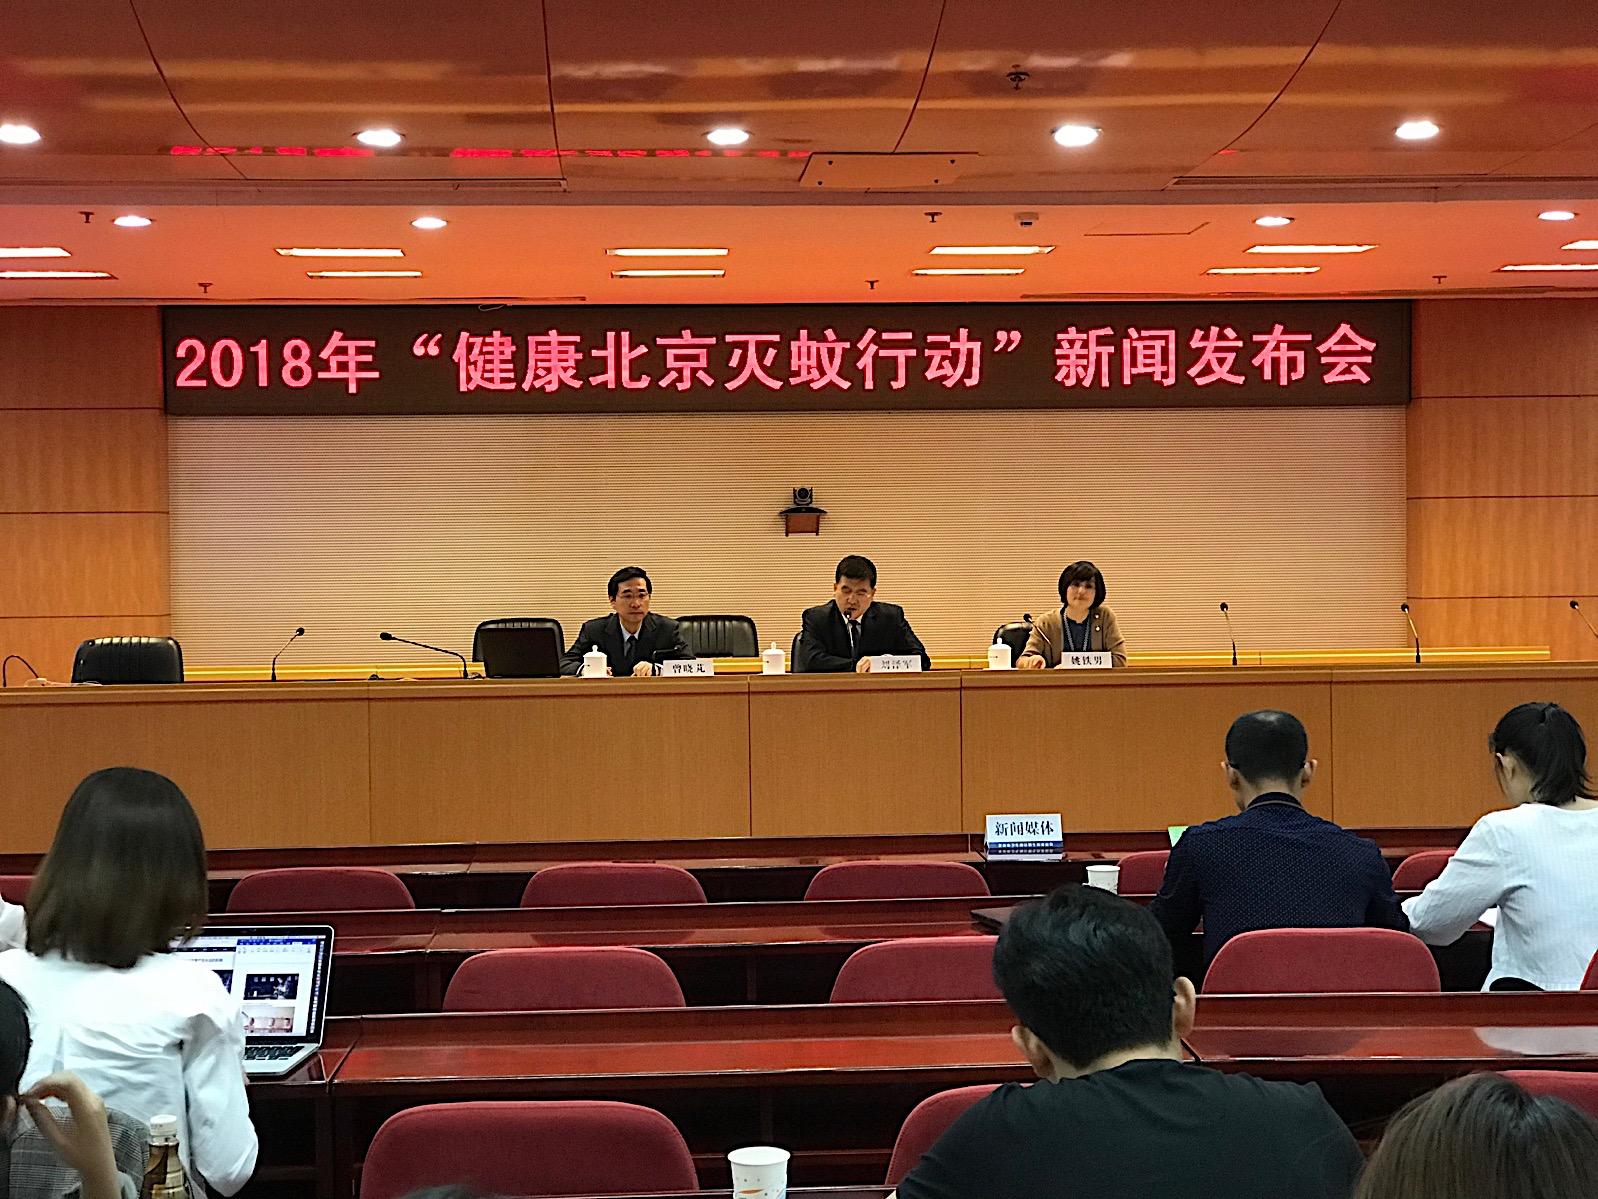 北京:2018年健康灭蚊行动